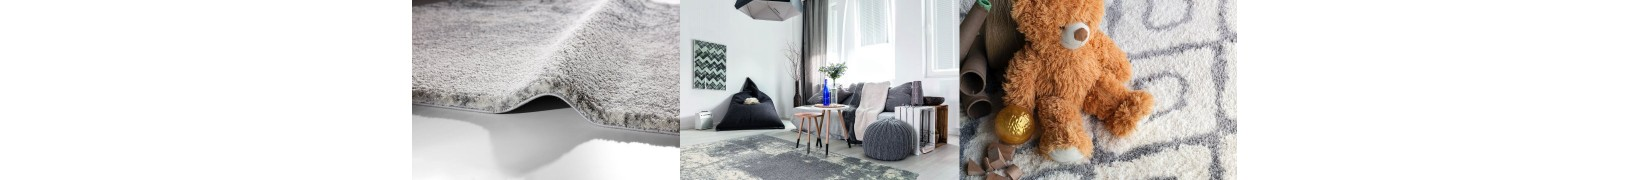 Przepiękne dywany do sypialni i salonu Shaggy YOKI Agnella